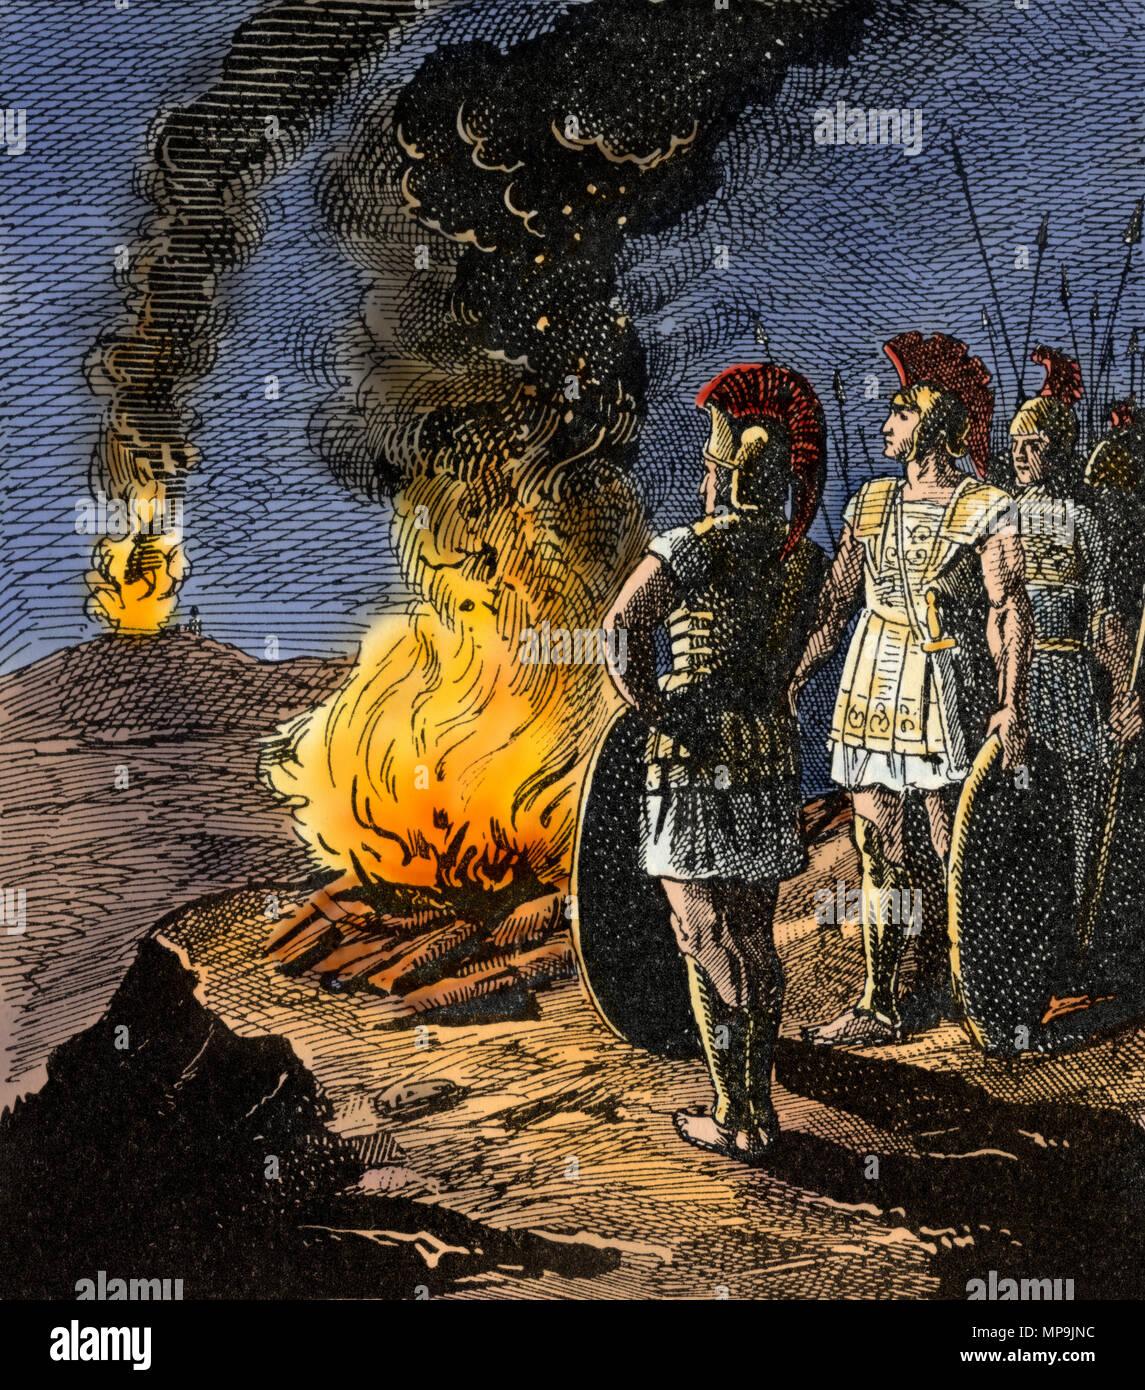 Il Greco antico militare di comunicare tramite beacon incendi. Digitalmente la xilografia colorata Immagini Stock